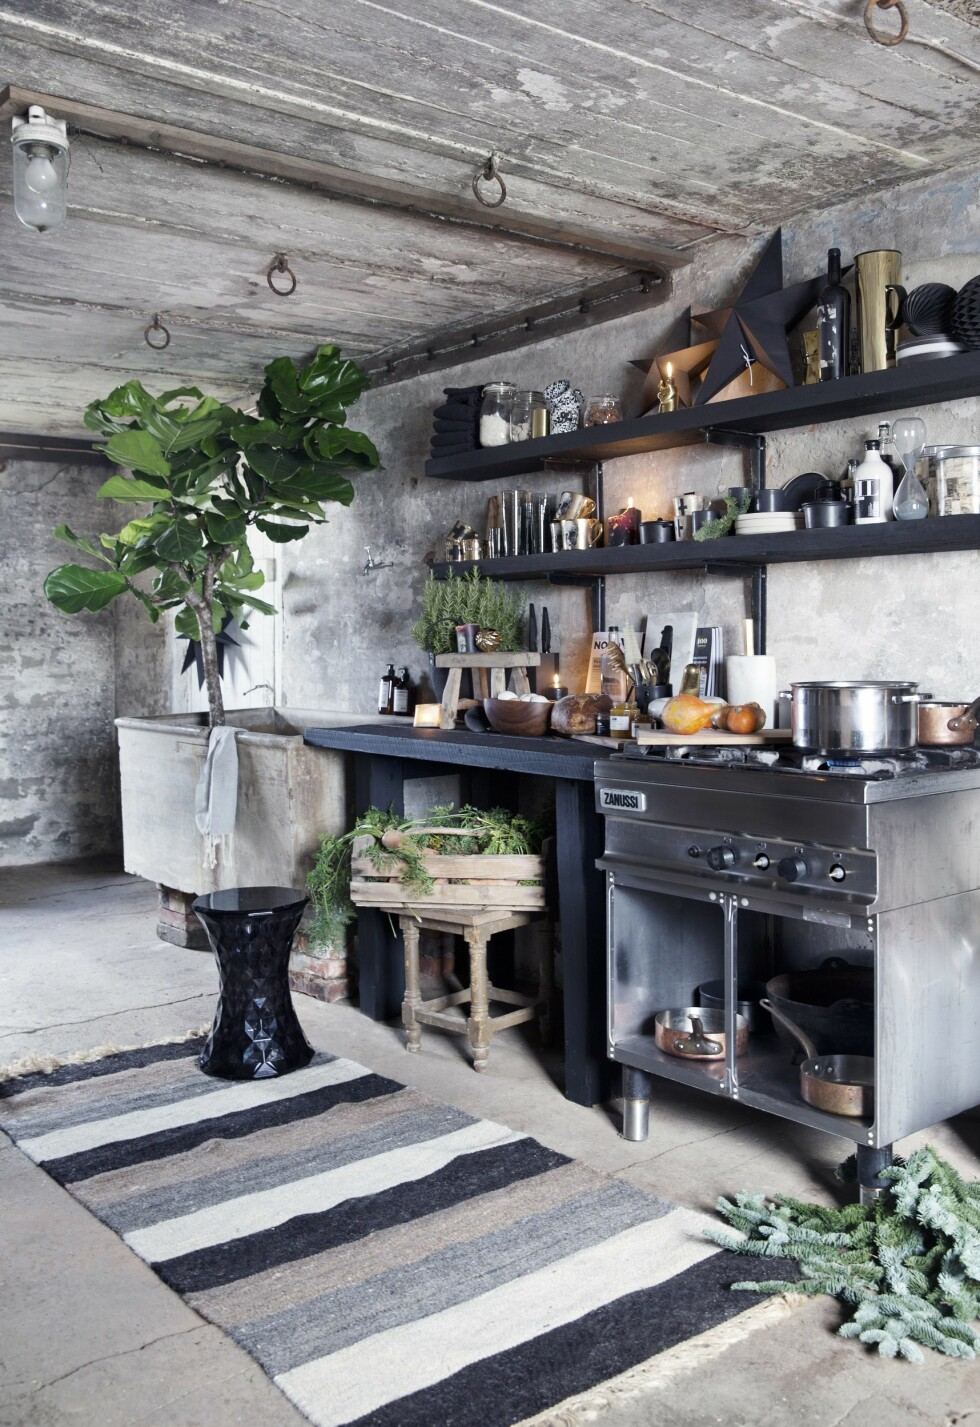 GJENBRUK: Drømmekjøkkenet over alle var ikke dyrt! Det er faktisk bygget av gamle gjenbruksmaterialer fra gården som Camilla har malt sorte. Vasken er det gamle melkekaret som alltid har stått i svinestallen. Foto: Yvonne Wilhelmsen